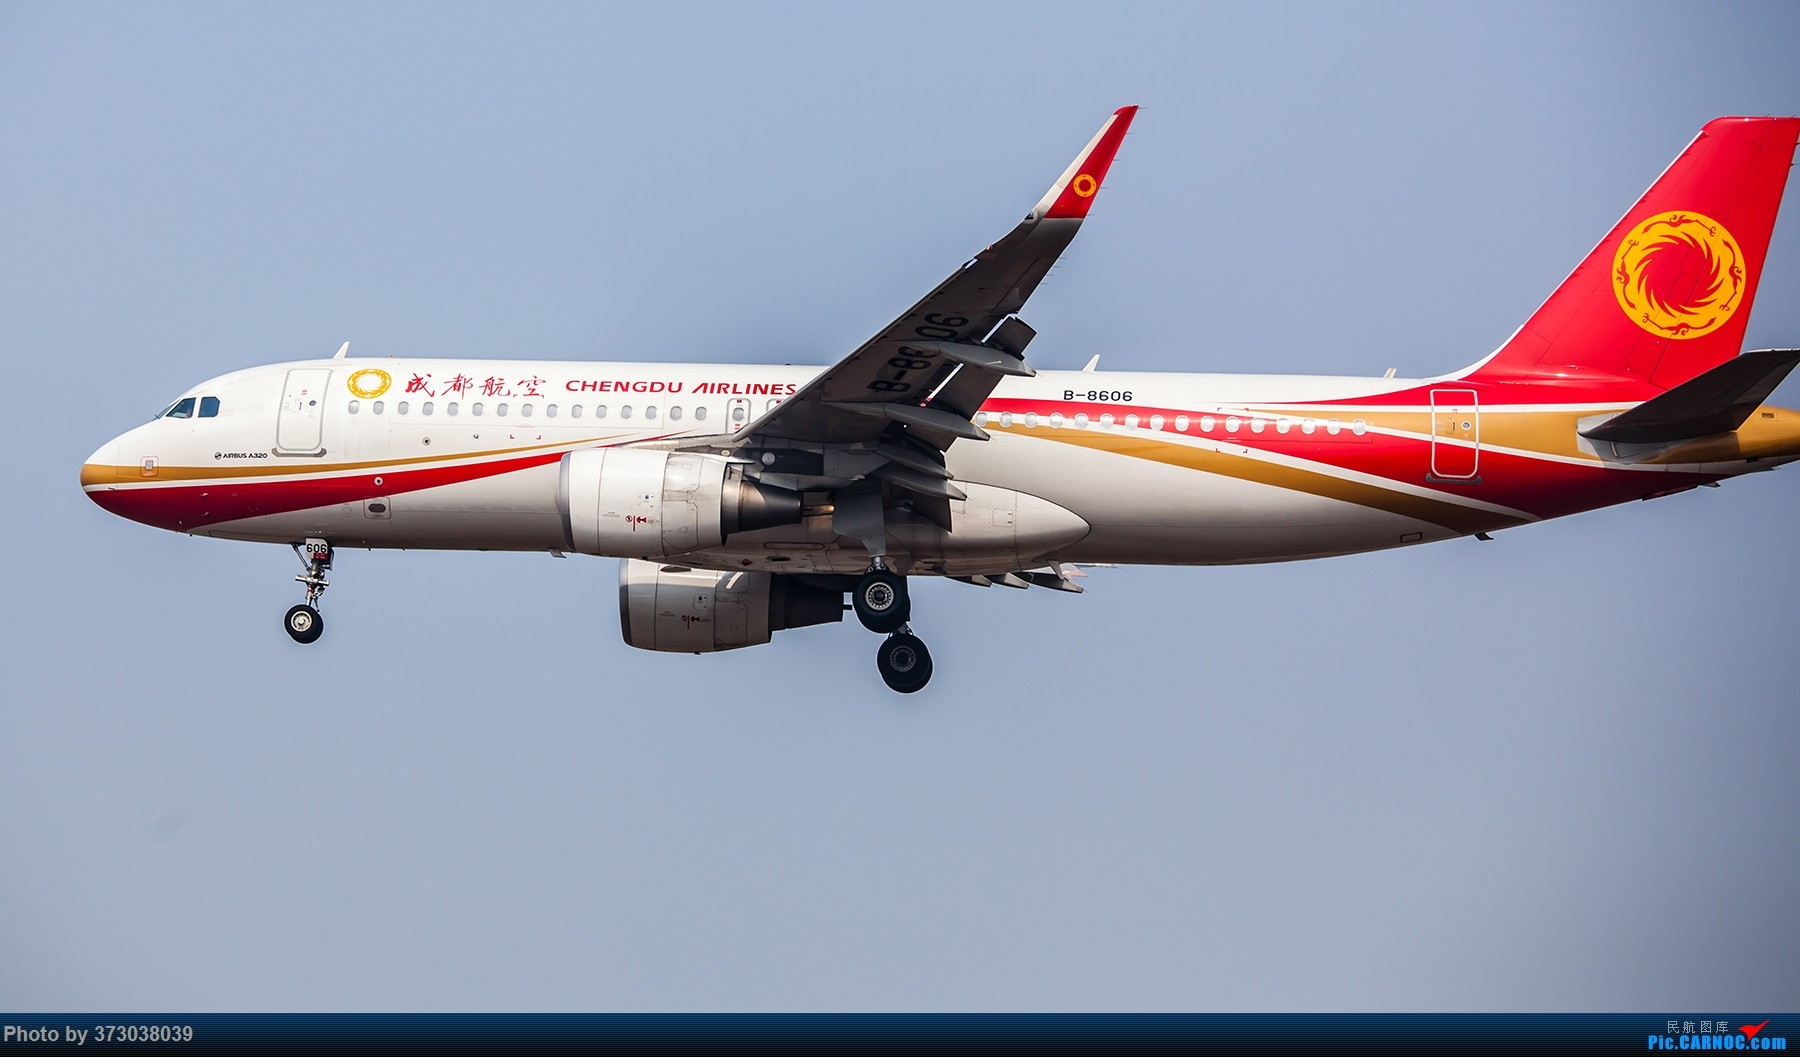 Re:[原创]【杭州飞友会】A320Neo迪士尼杭州萧山机场拍机班门弄斧记 AIRBUS A320-200 B-6806 中国杭州萧山国际机场  飞友